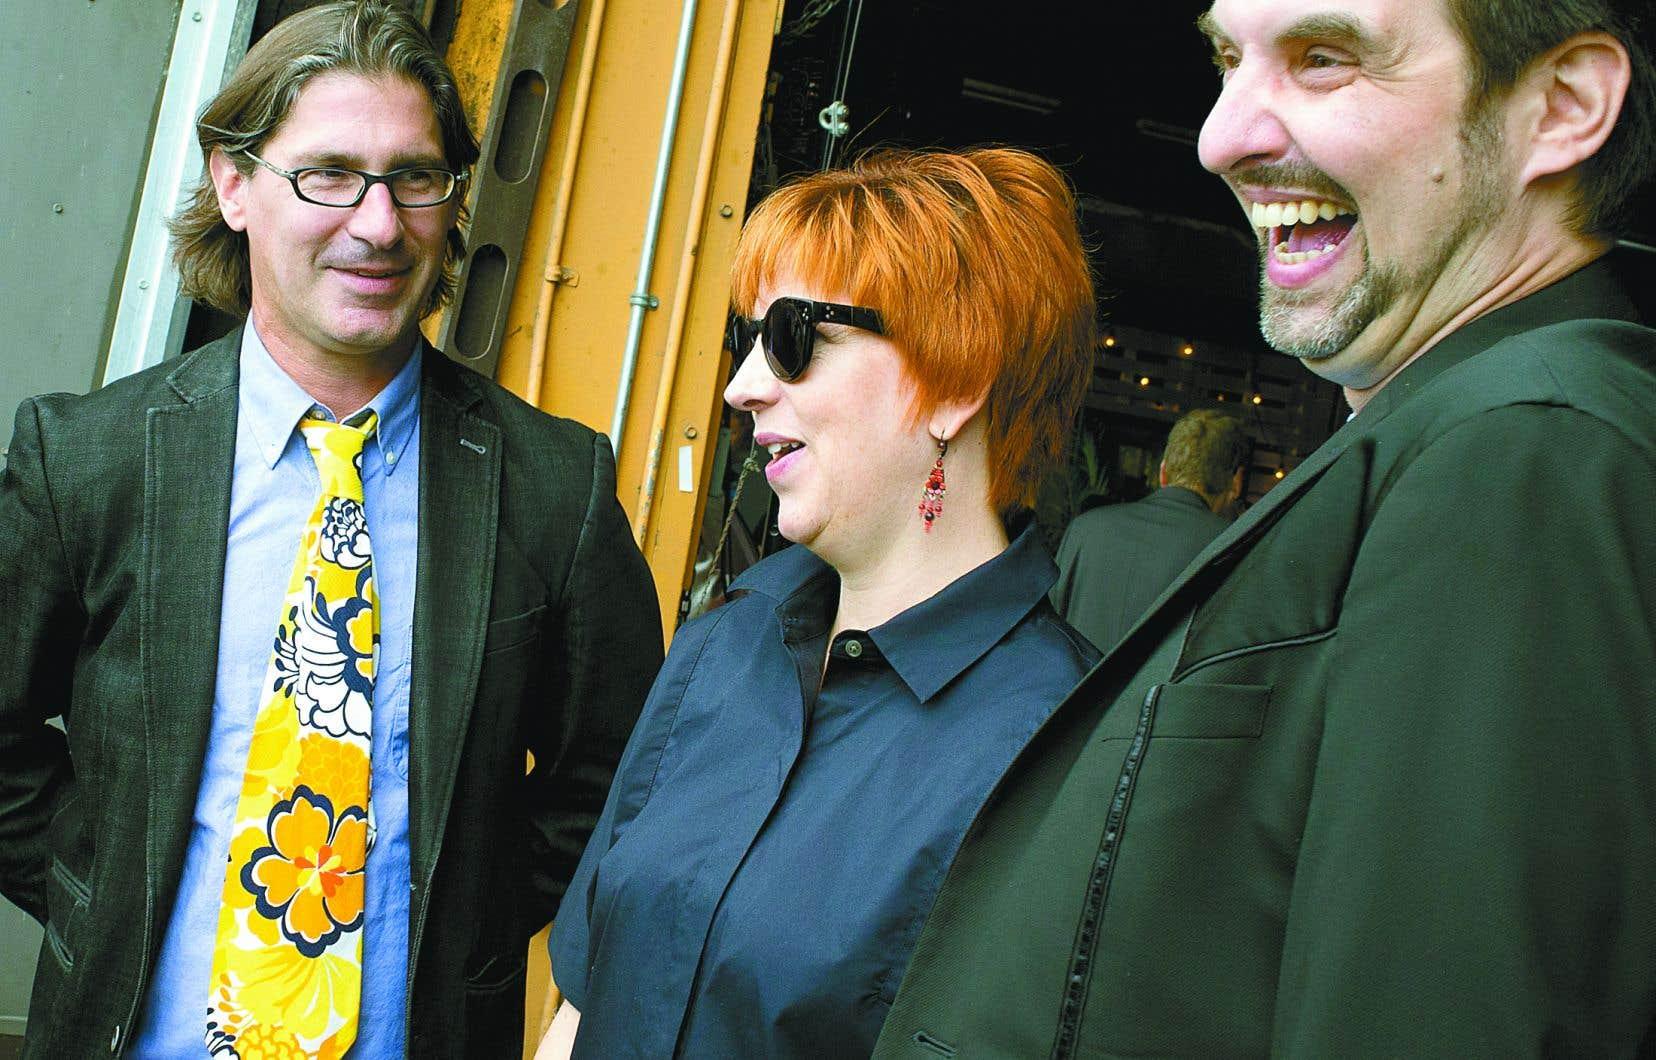 L'émission satirique «Infoman», de Jean-René Dufort (à gauche), a fracassé un record de fréquentation, avec un million de téléspectateurs, en pleine crise sanitaire.